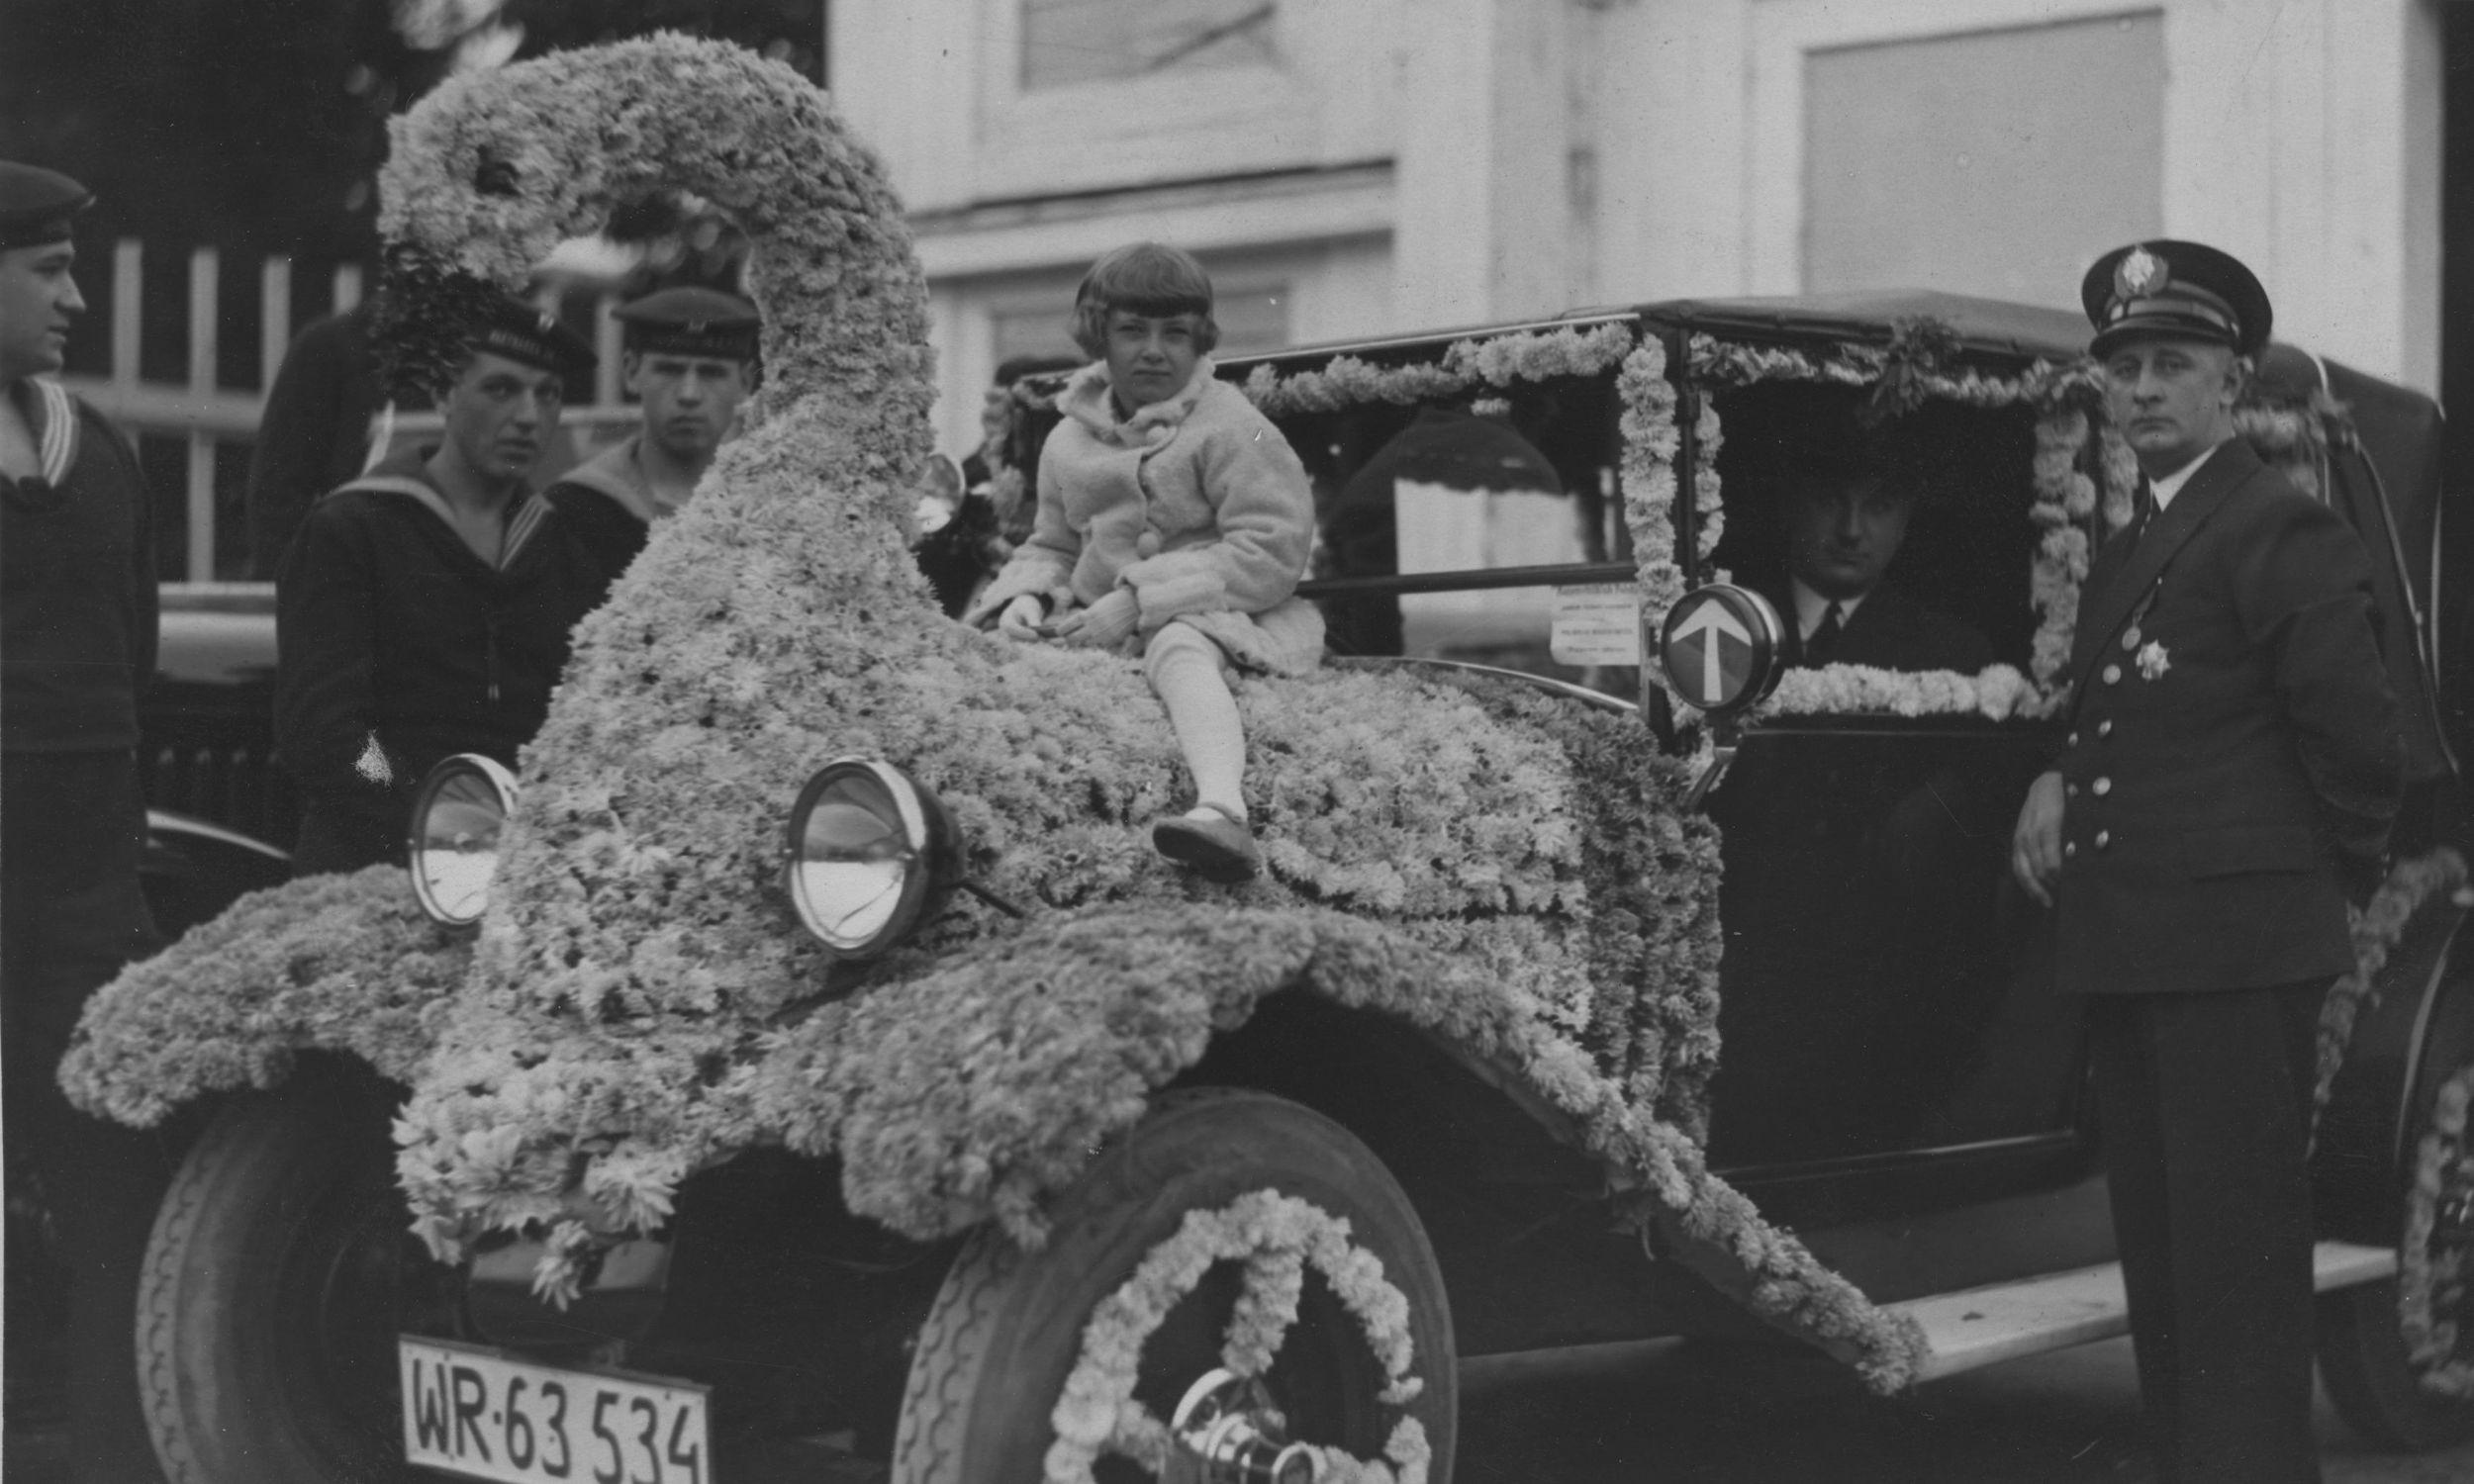 Samochód osobowy, bogato dekorowany kwiatami, jako jeden z eksponatów kwiatowego corso, zorganizowanego przez Polski Biały Krzyż w Warszawie. Zdjęcie wykonane w latach 1929 – 1937. Fot. NAC/IKCm sygn. 1-W-2130